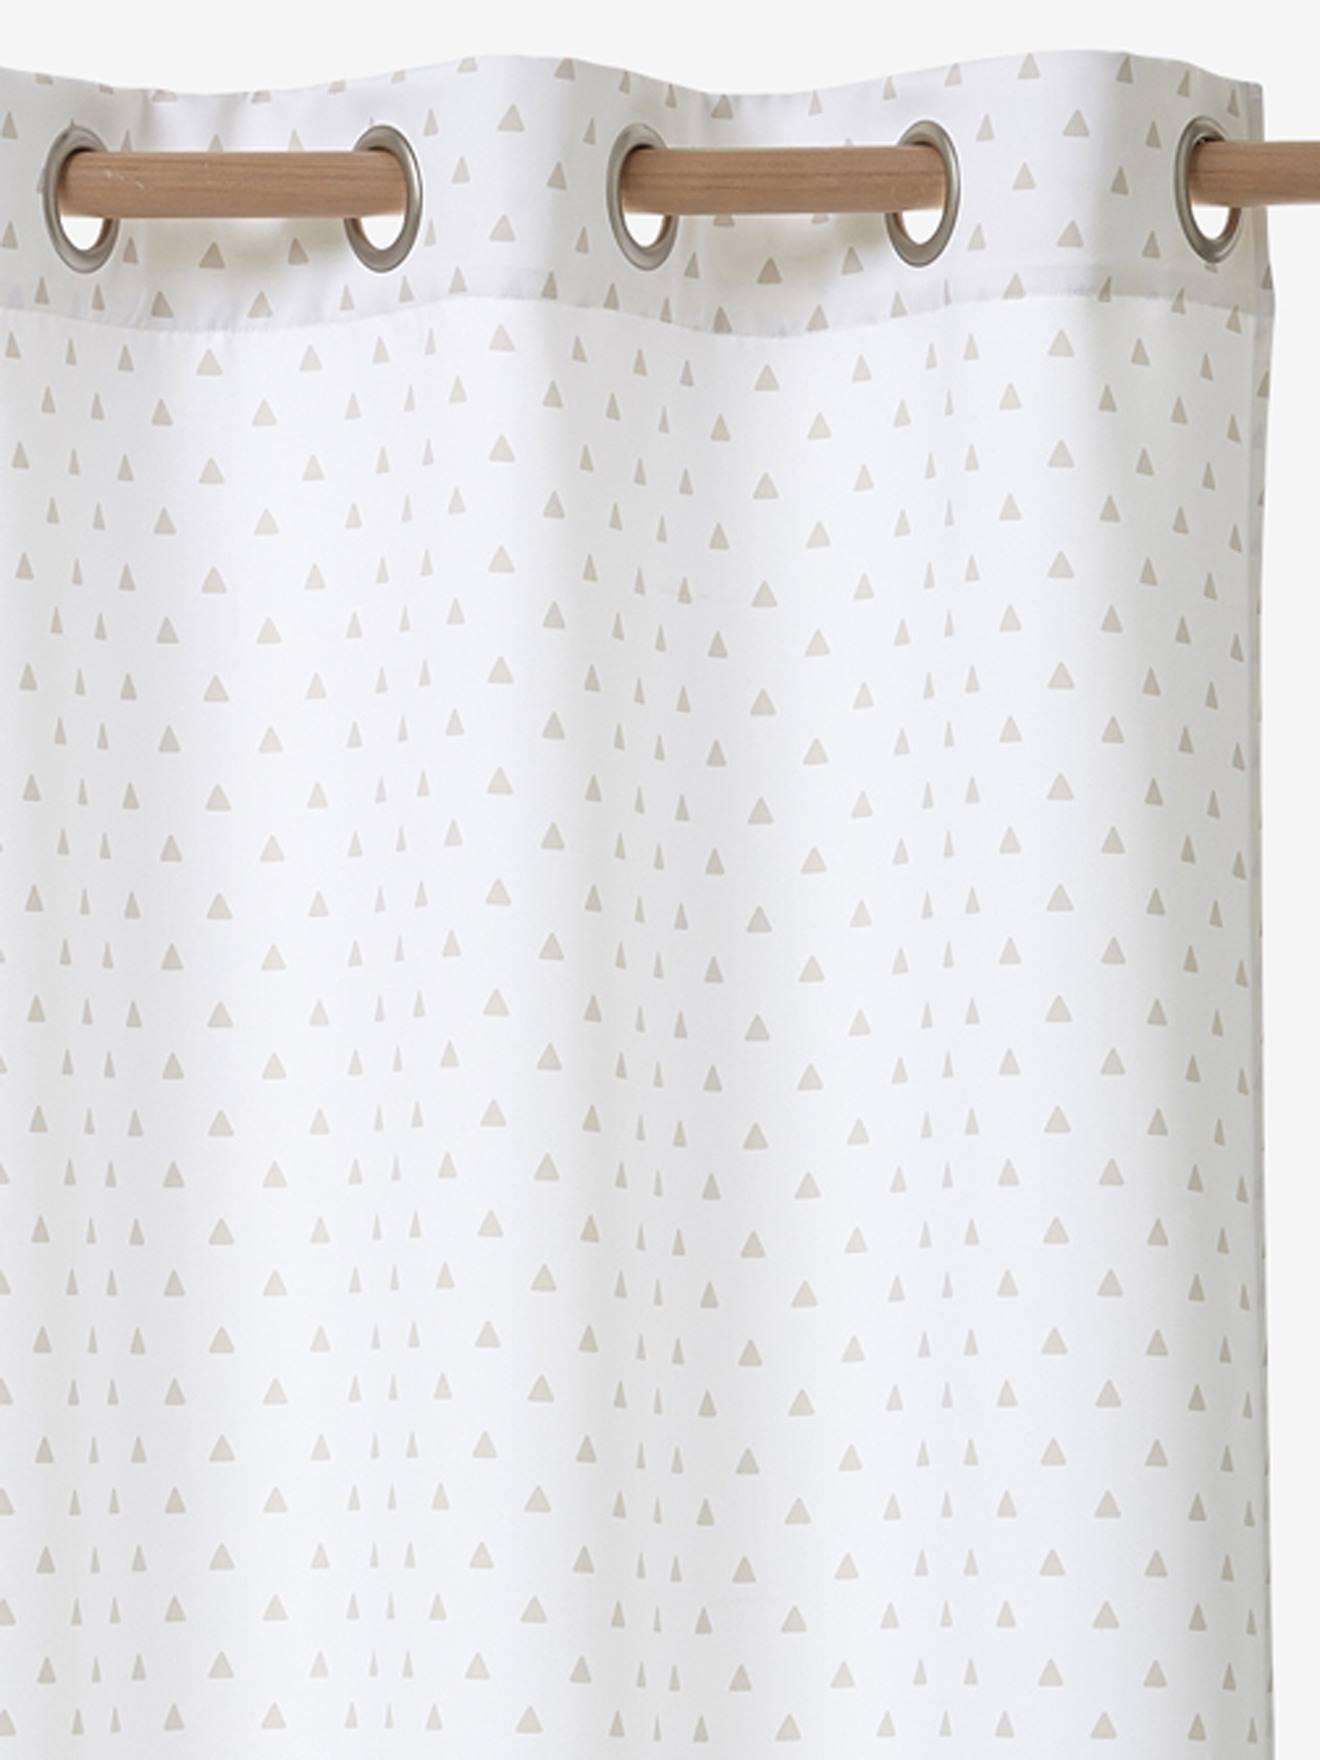 VERTBAUDET Verdunkelungsvorhang für Kinderzimmer wollweiß bedruckt Gr. 135X180